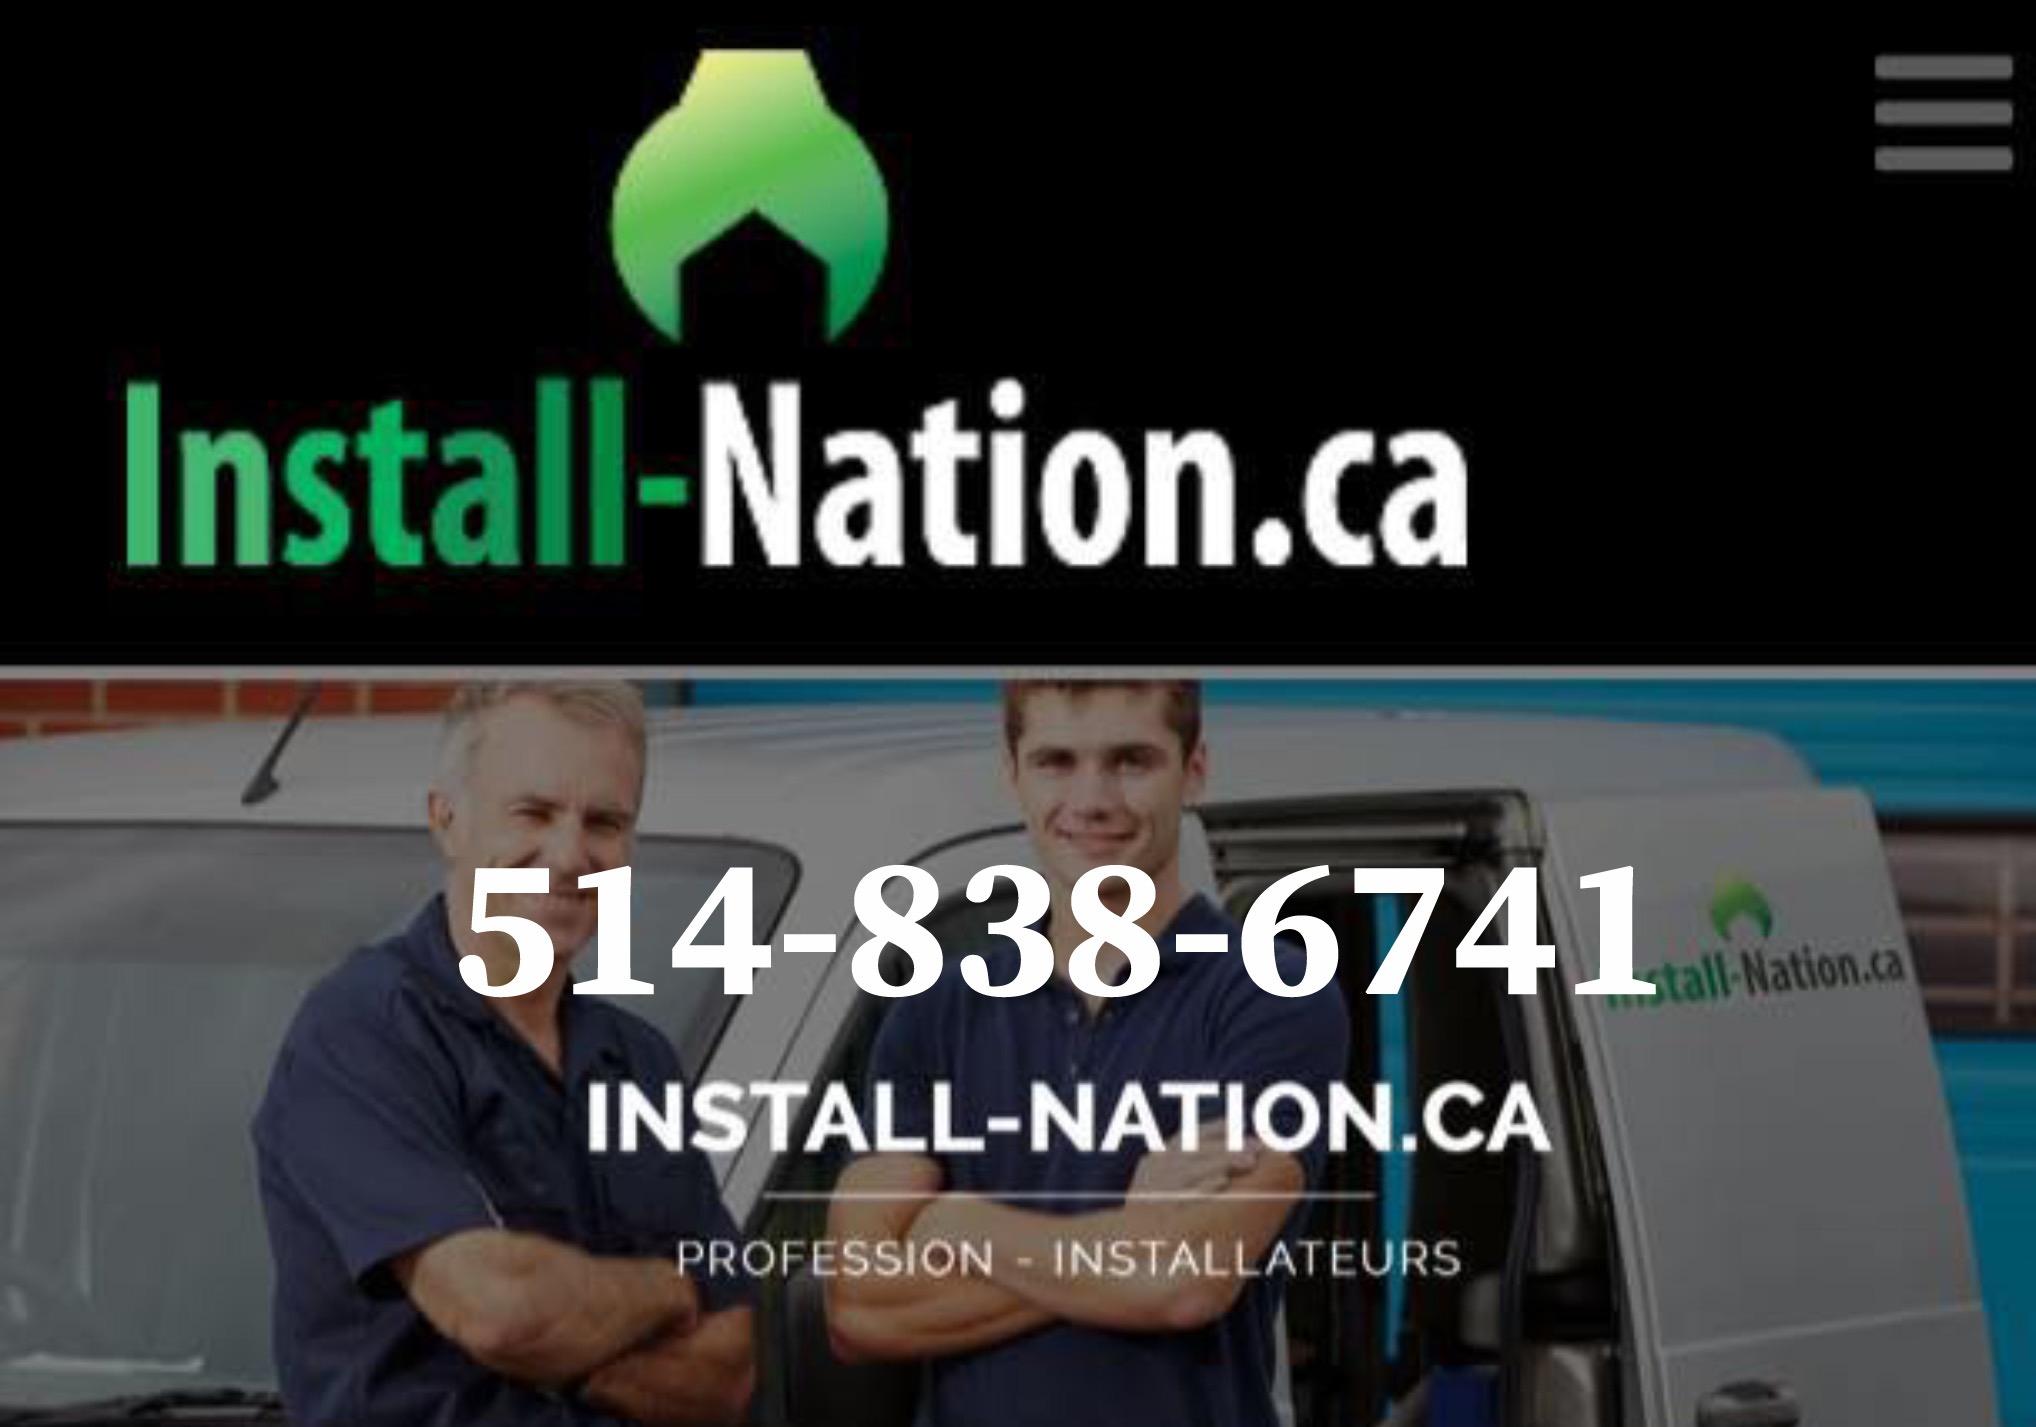 Install-nation